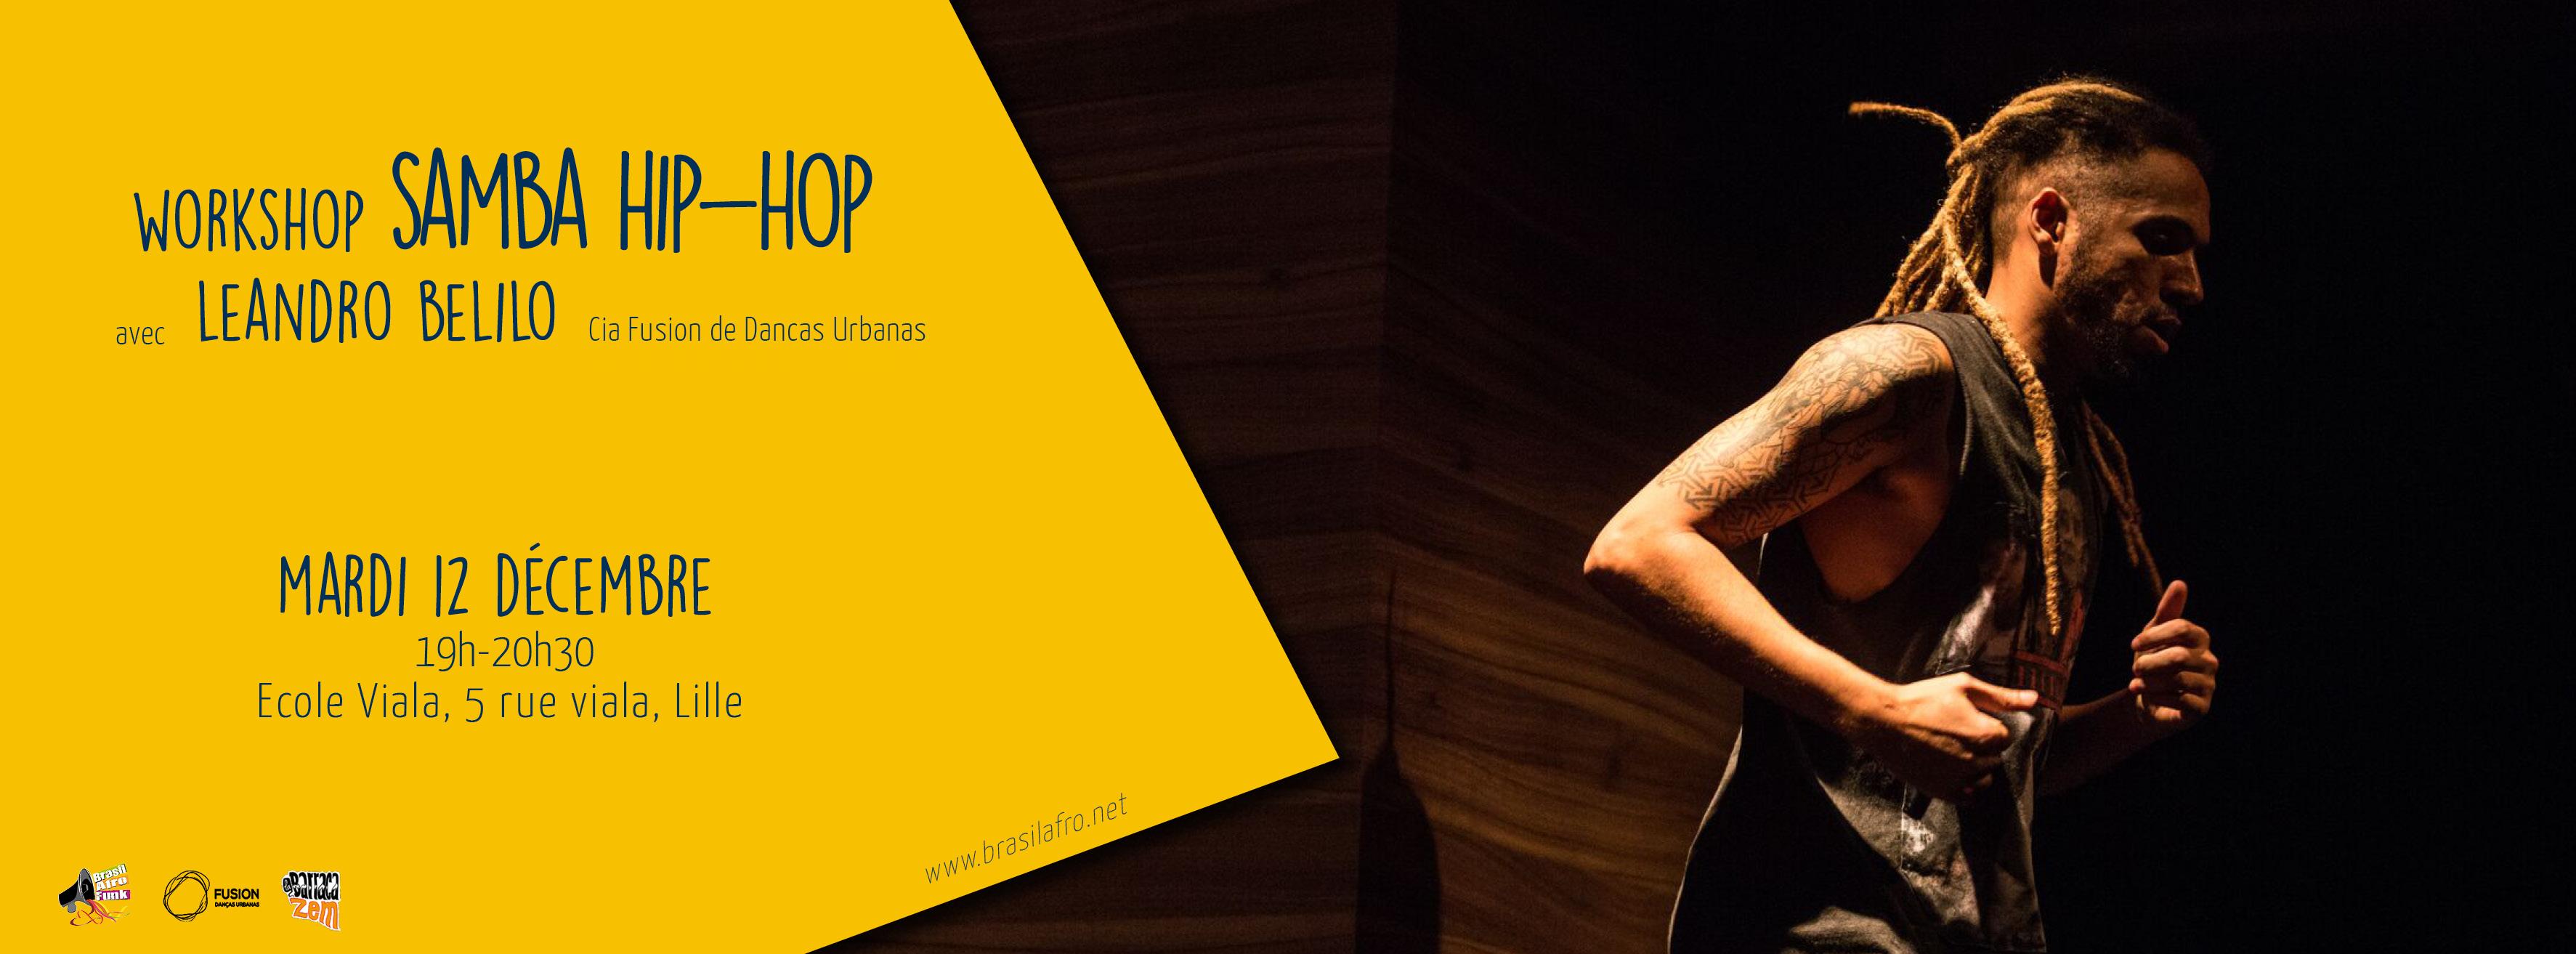 workshop hip hop Leandro Belilo